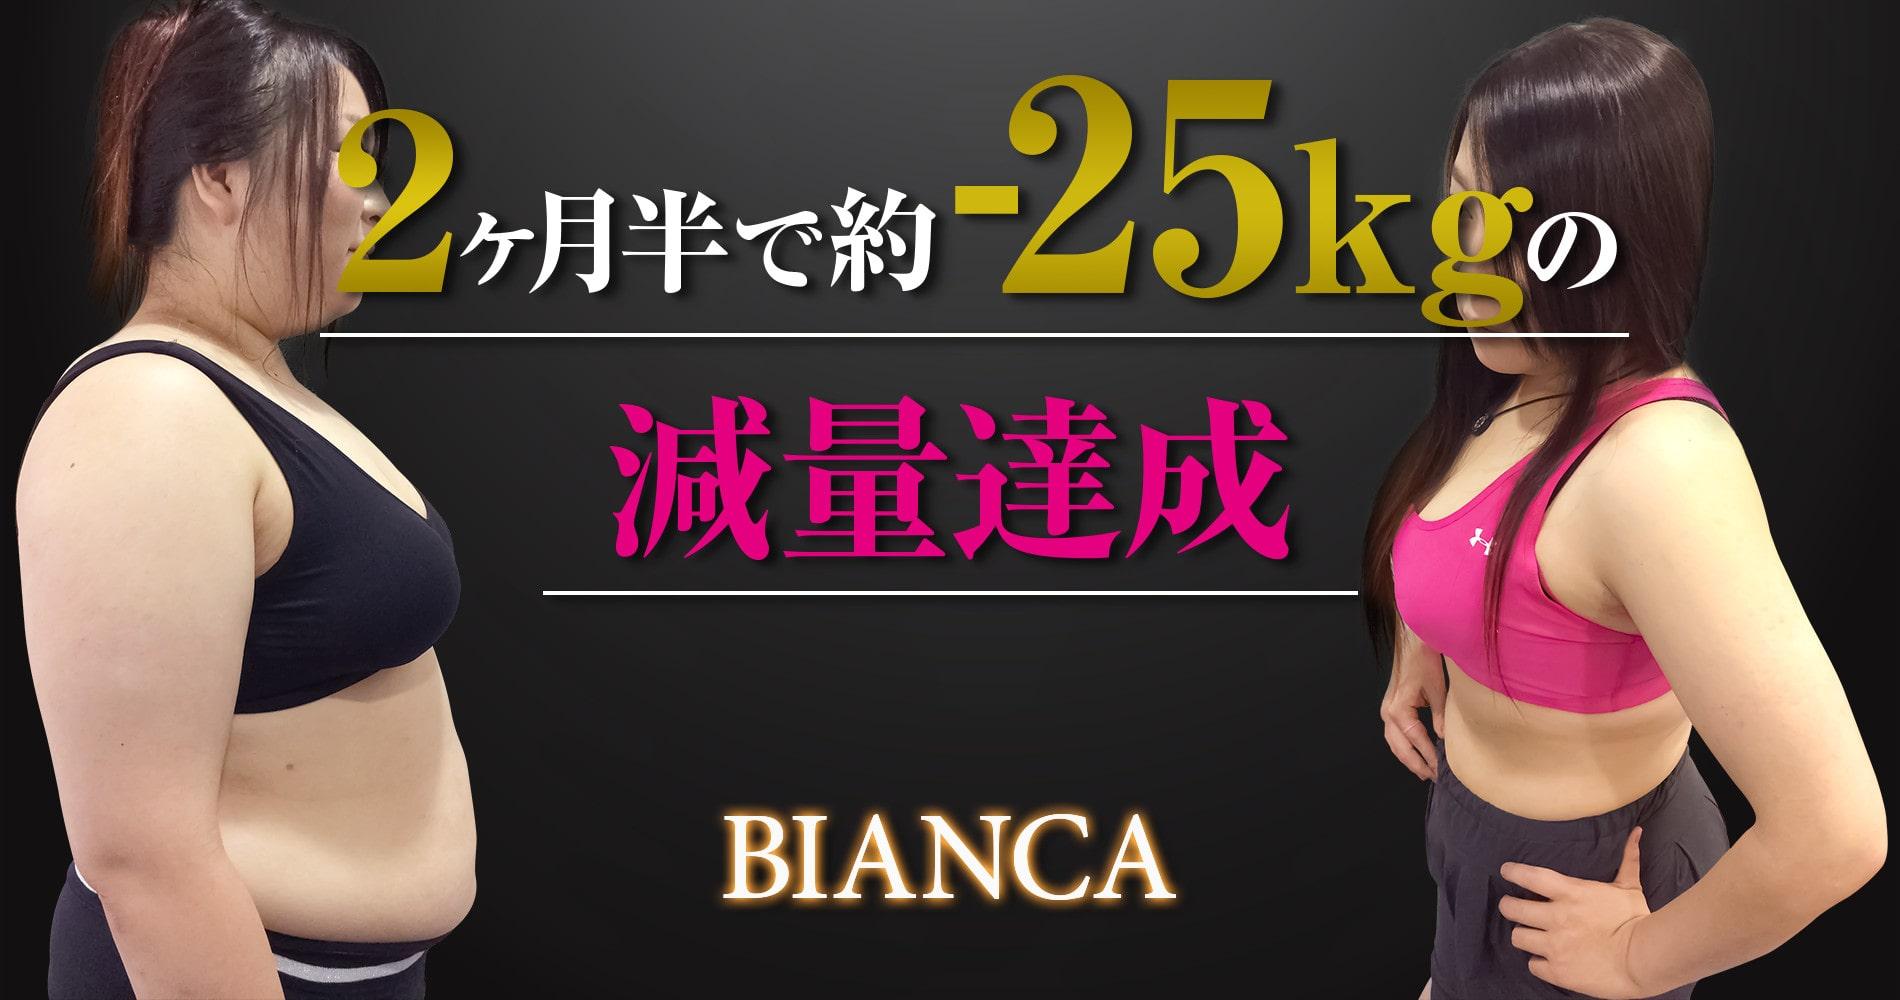 本格ボディメイクスタジオ BIANCA(ビアンカ)のジム画像1